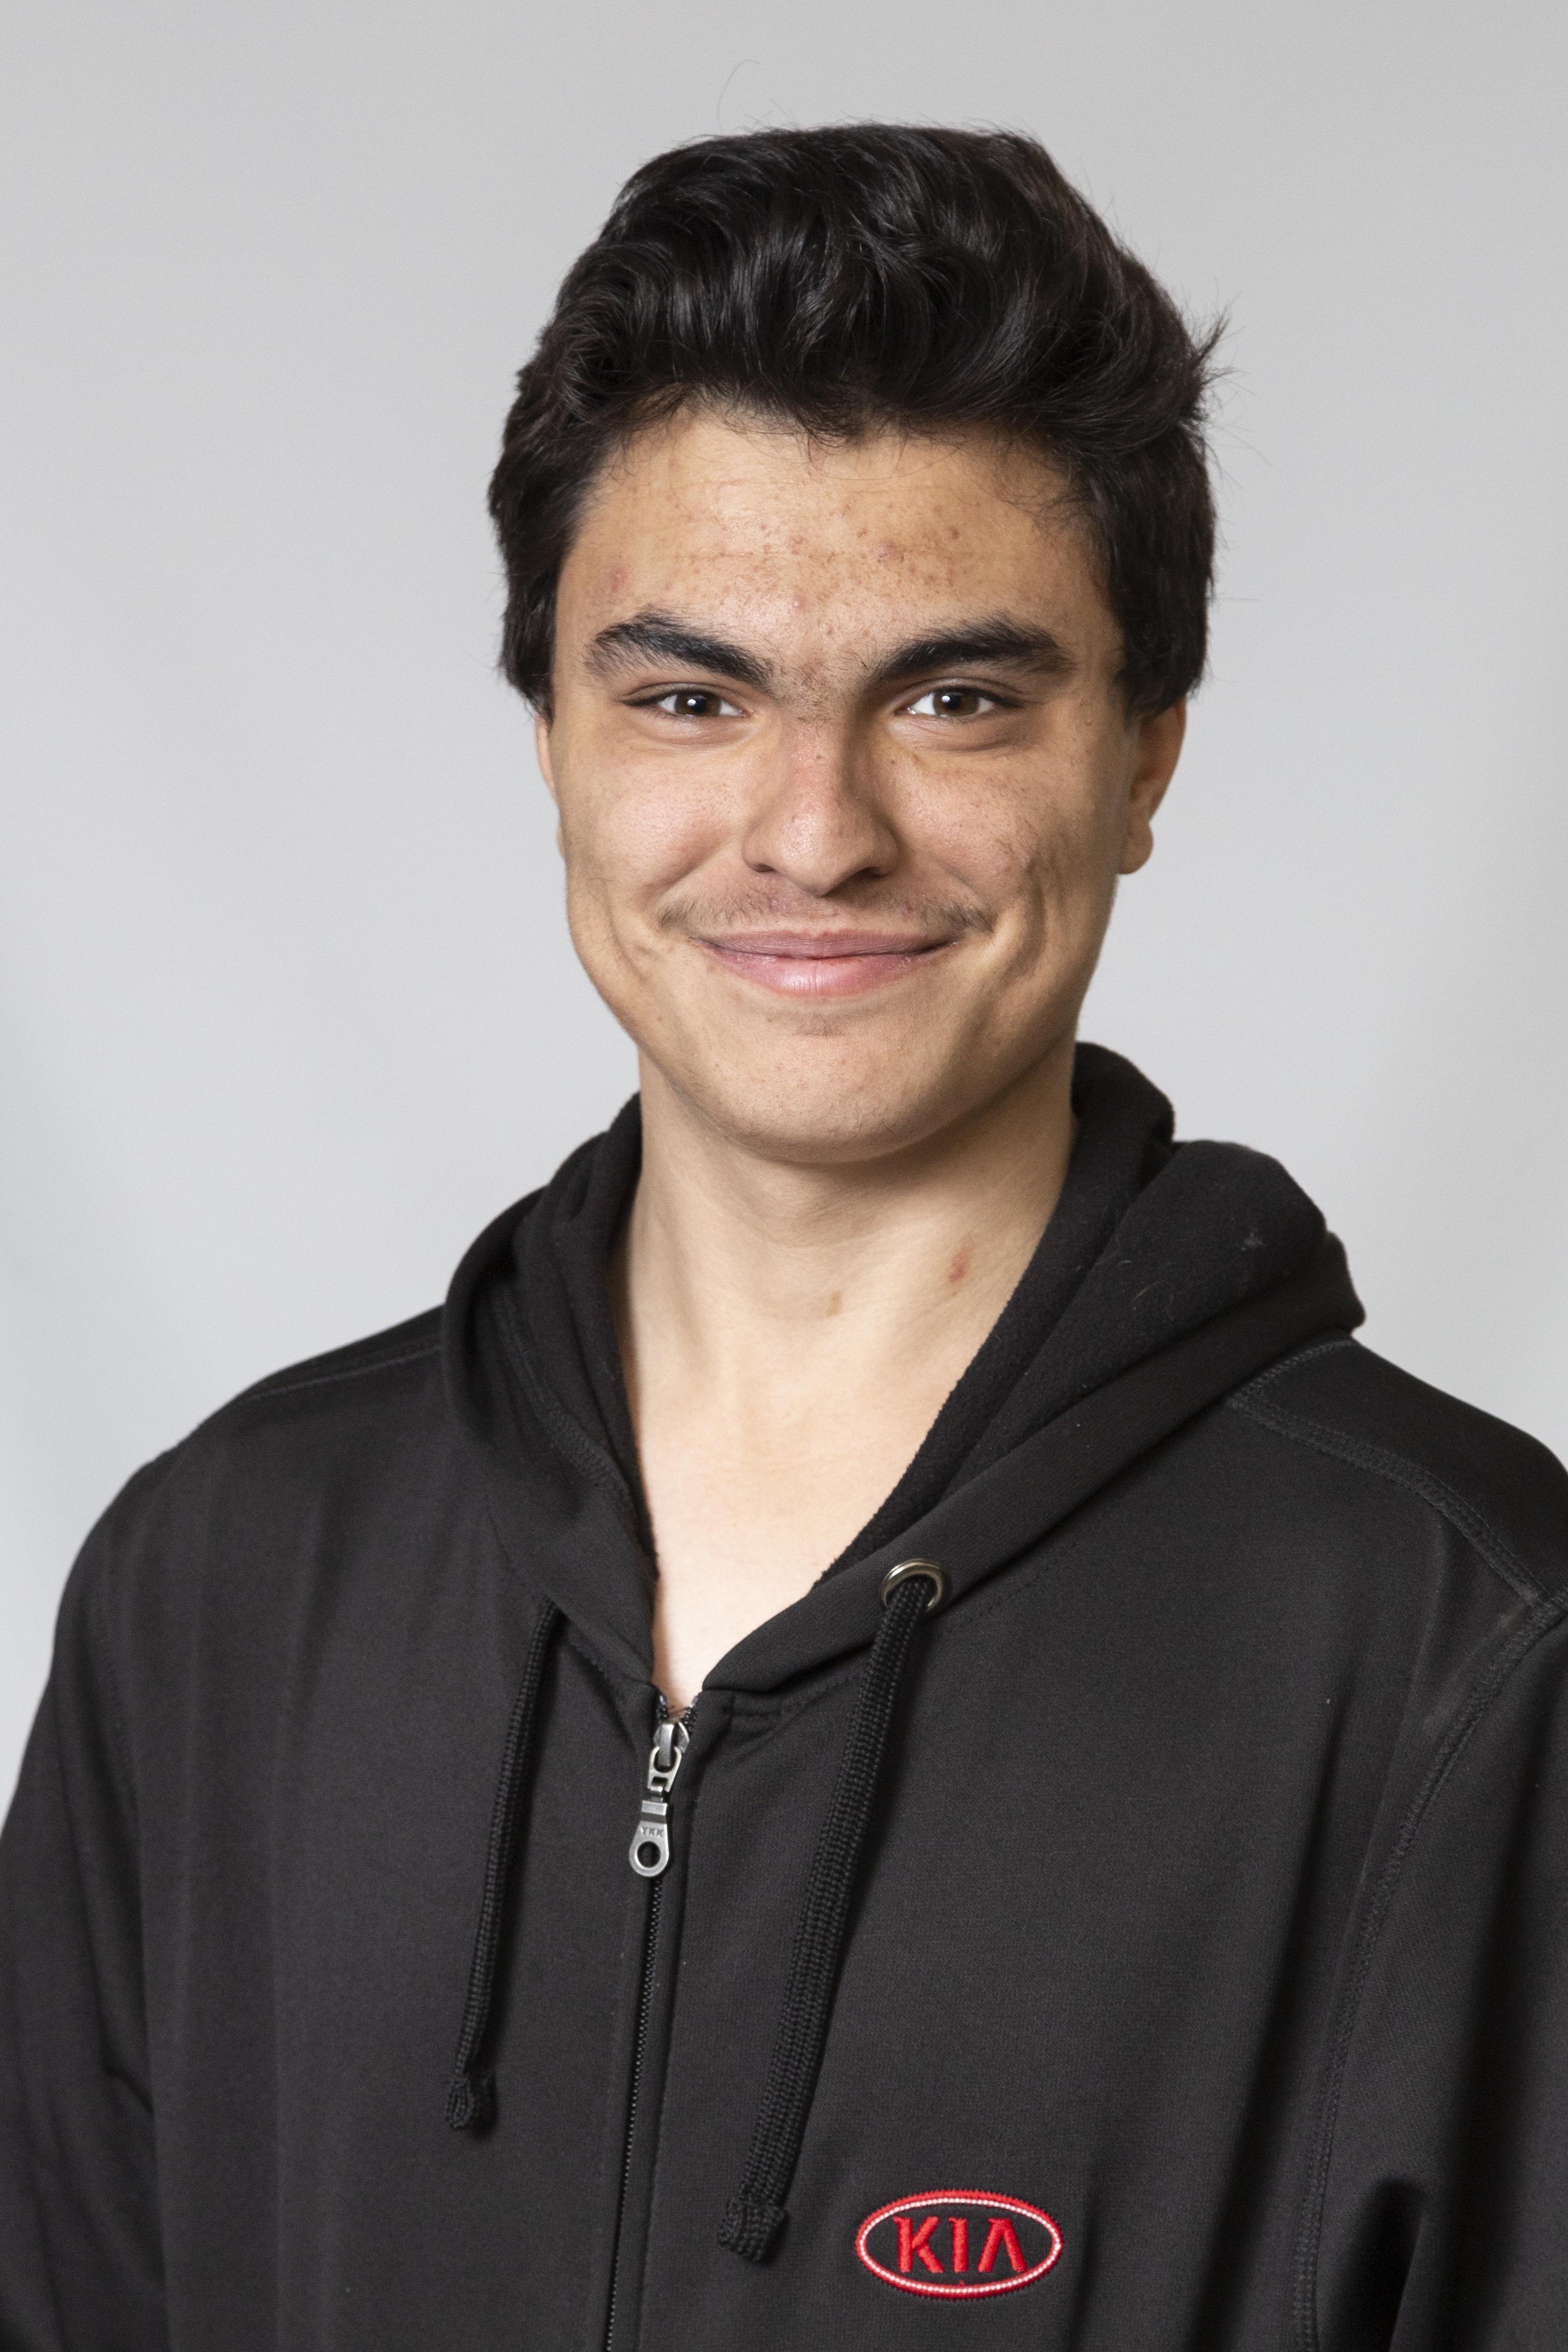 Joshua Pereira